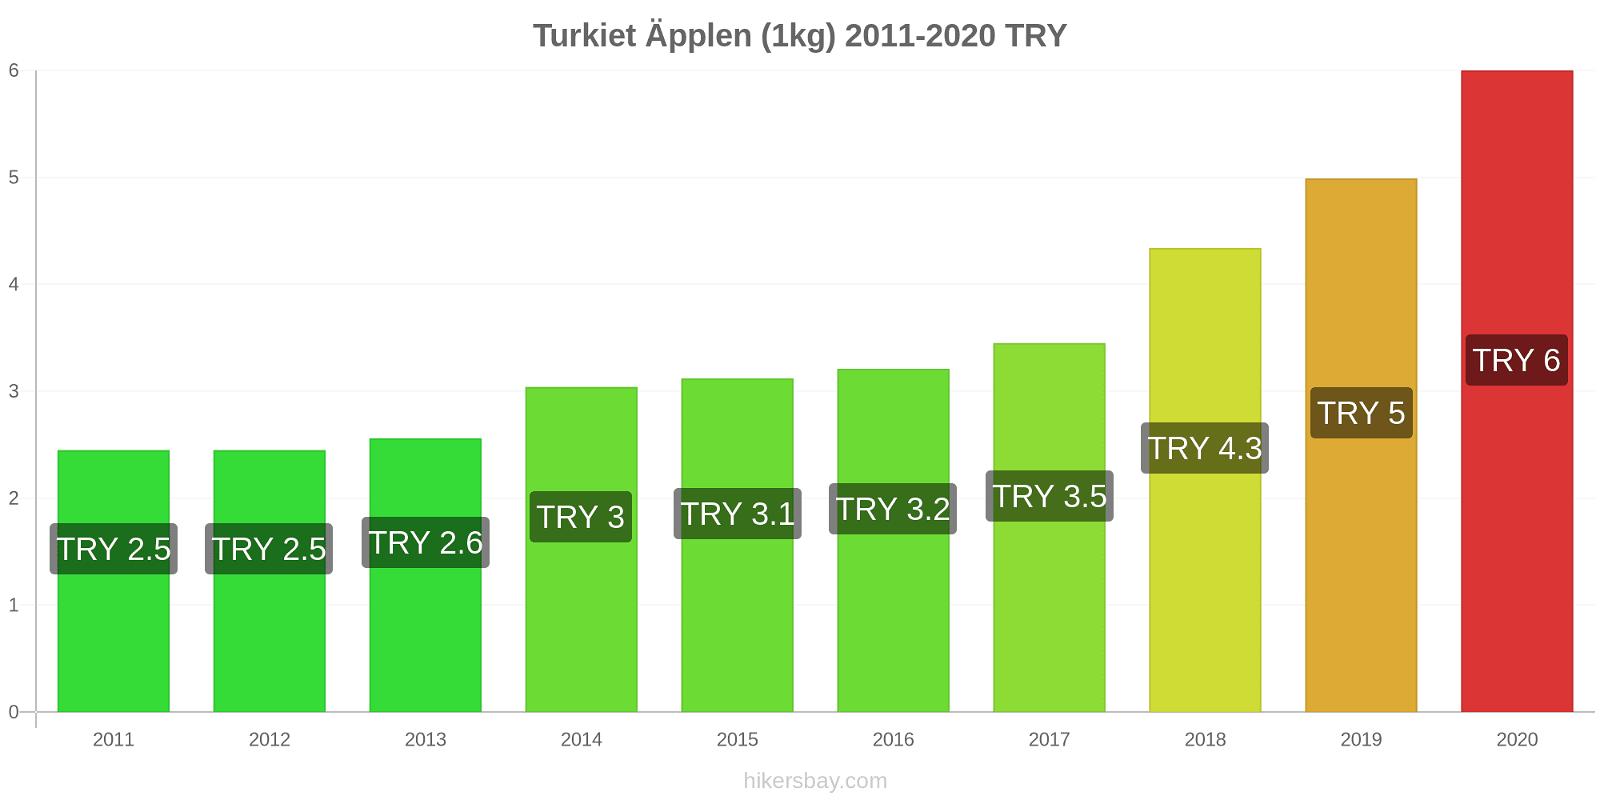 Turkiet prisförändringar Äpplen (1kg) hikersbay.com